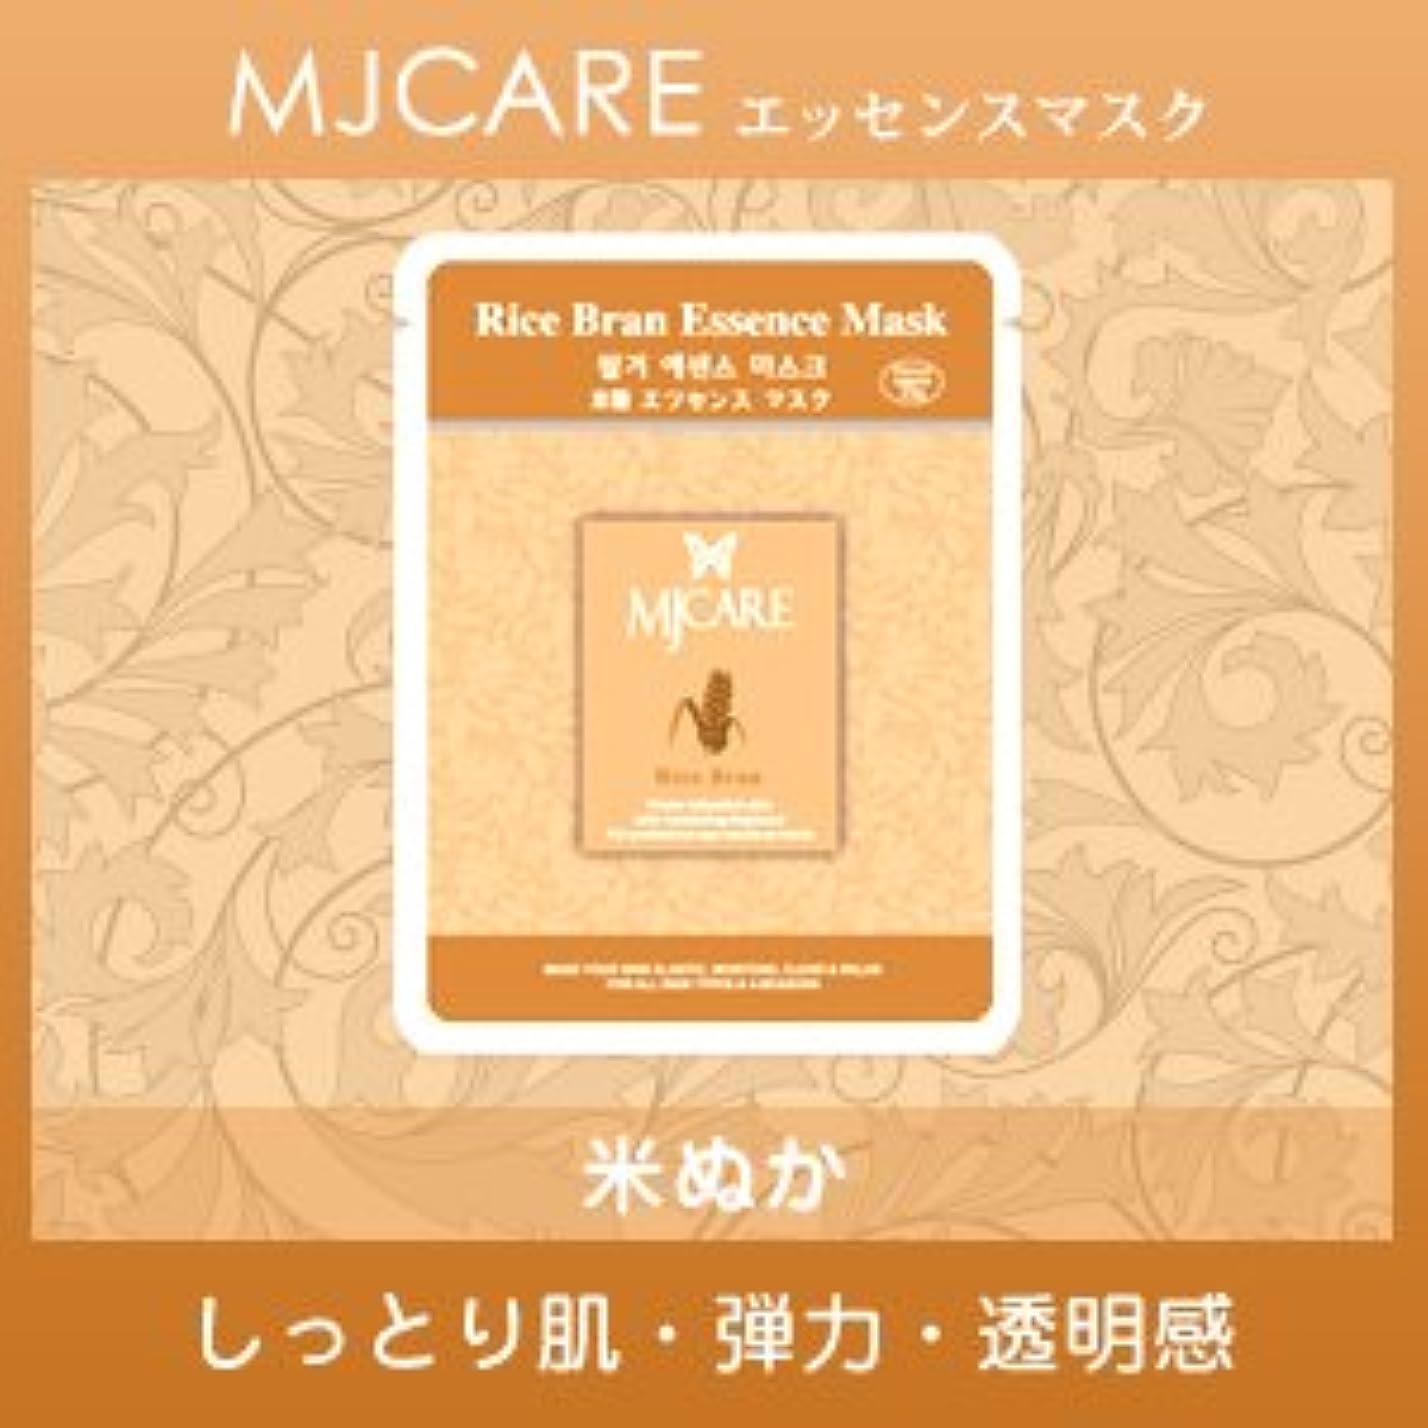 遊具欠陥死傷者MJCARE (エムジェイケア) 米ぬか エッセンスマスク